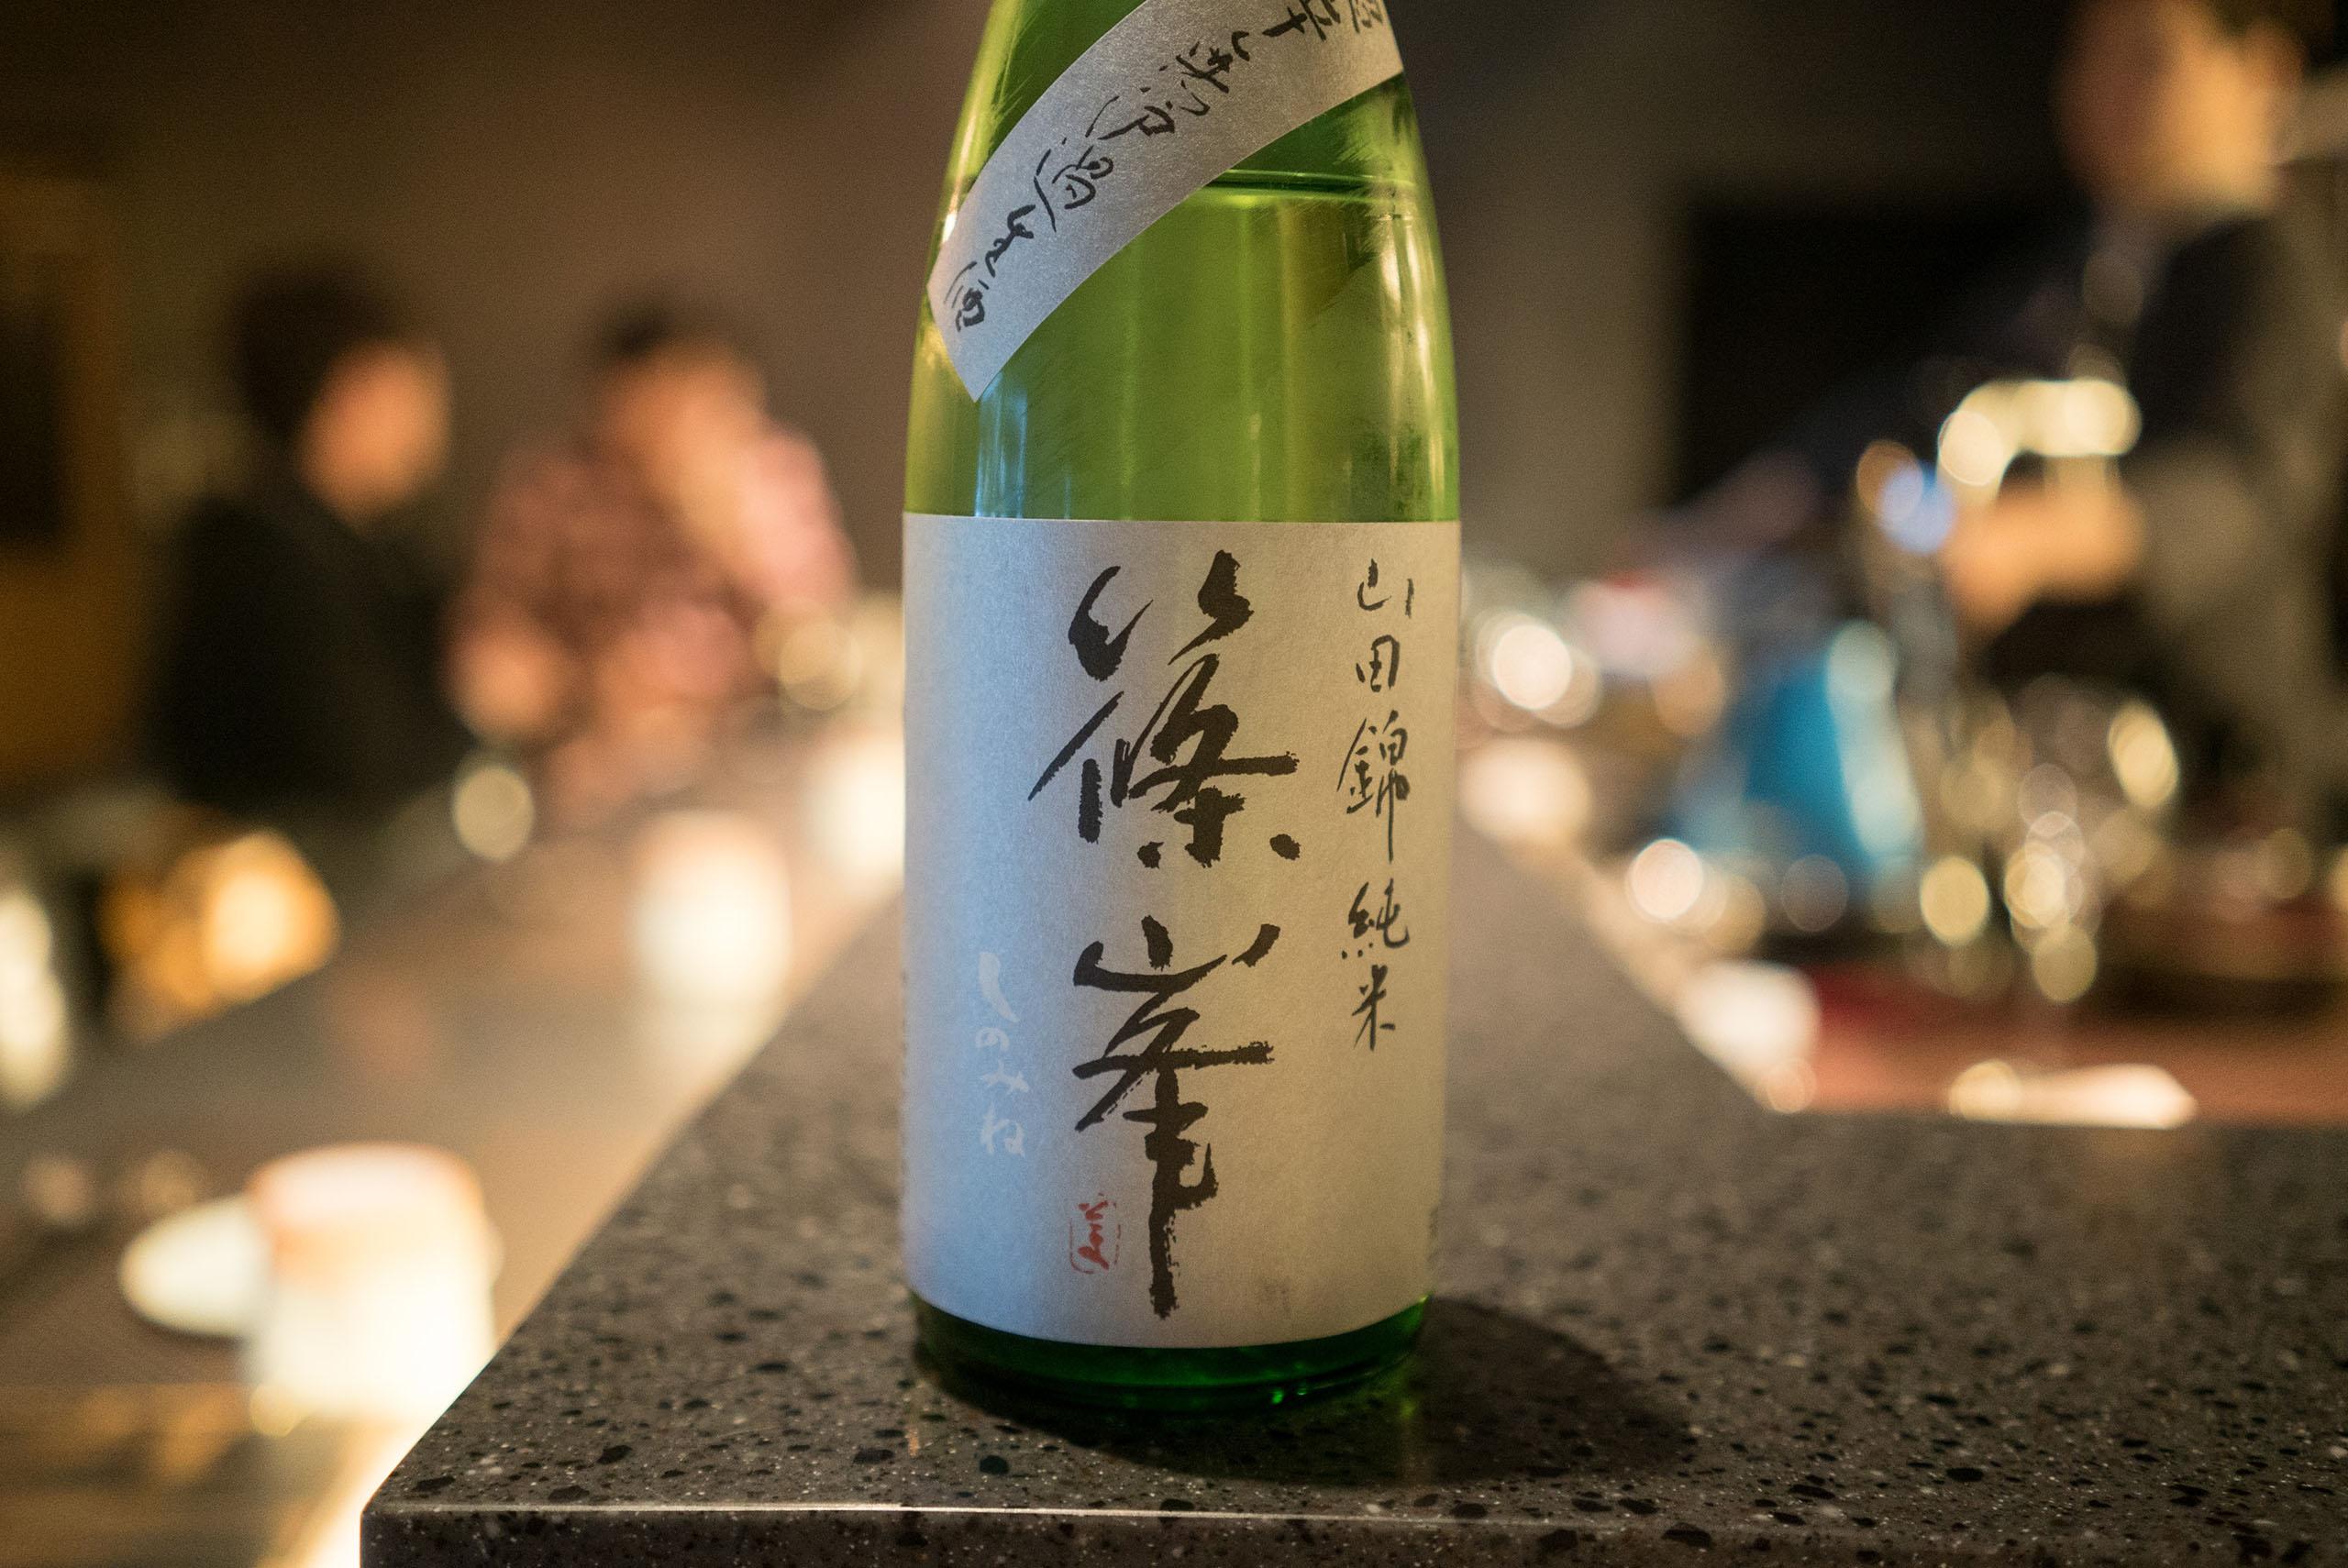 시노미네 쥰마이 야마다니시키 쵸카라 무로카나마겐슈